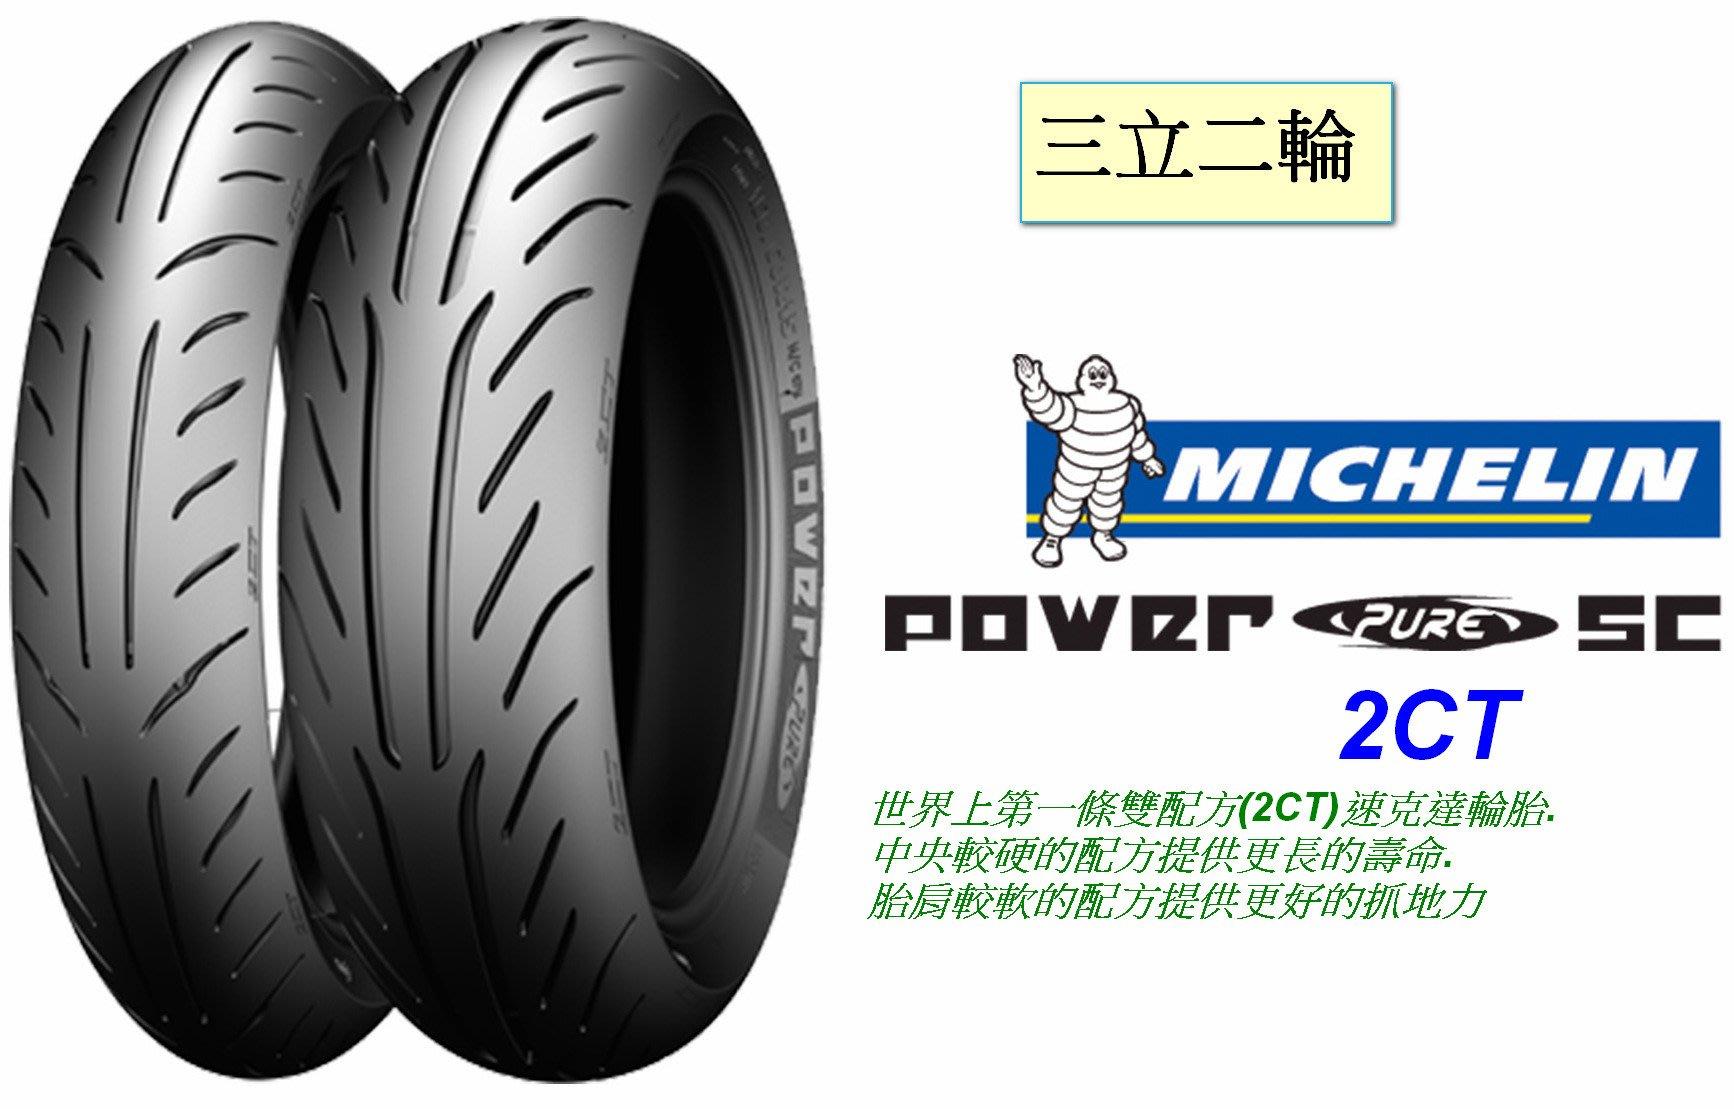 三立二輪 120/70-13 (53P)米其林 Power Pure SC 速克達胎 (裝到好+氮氣充填)or宅配免運費